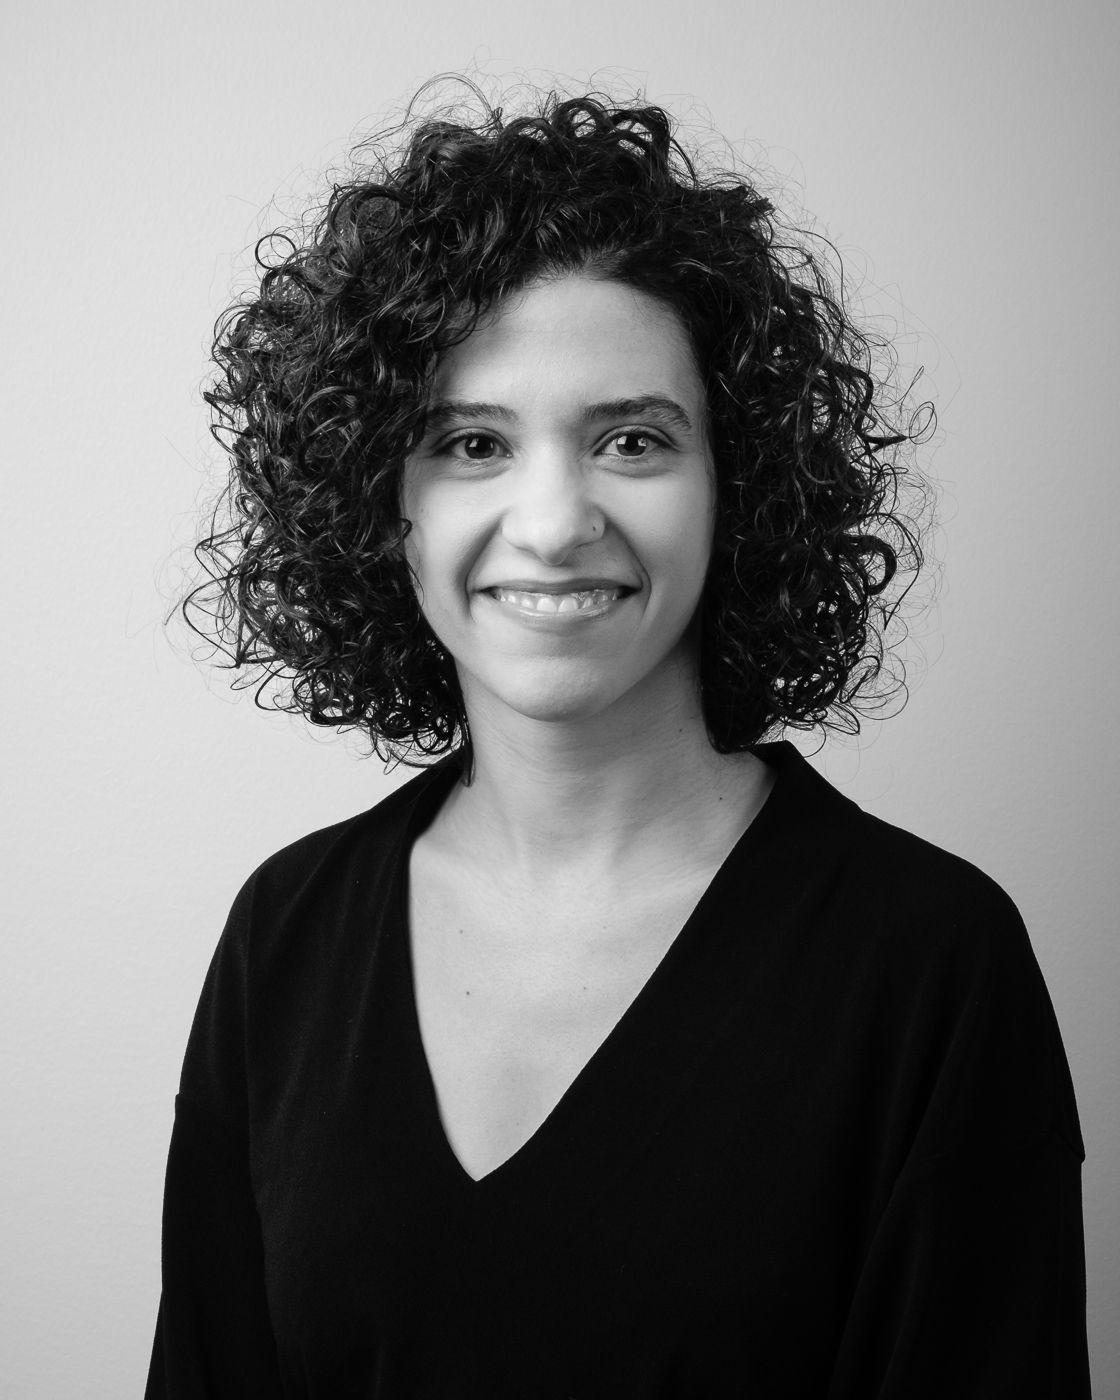 Sara Camponez